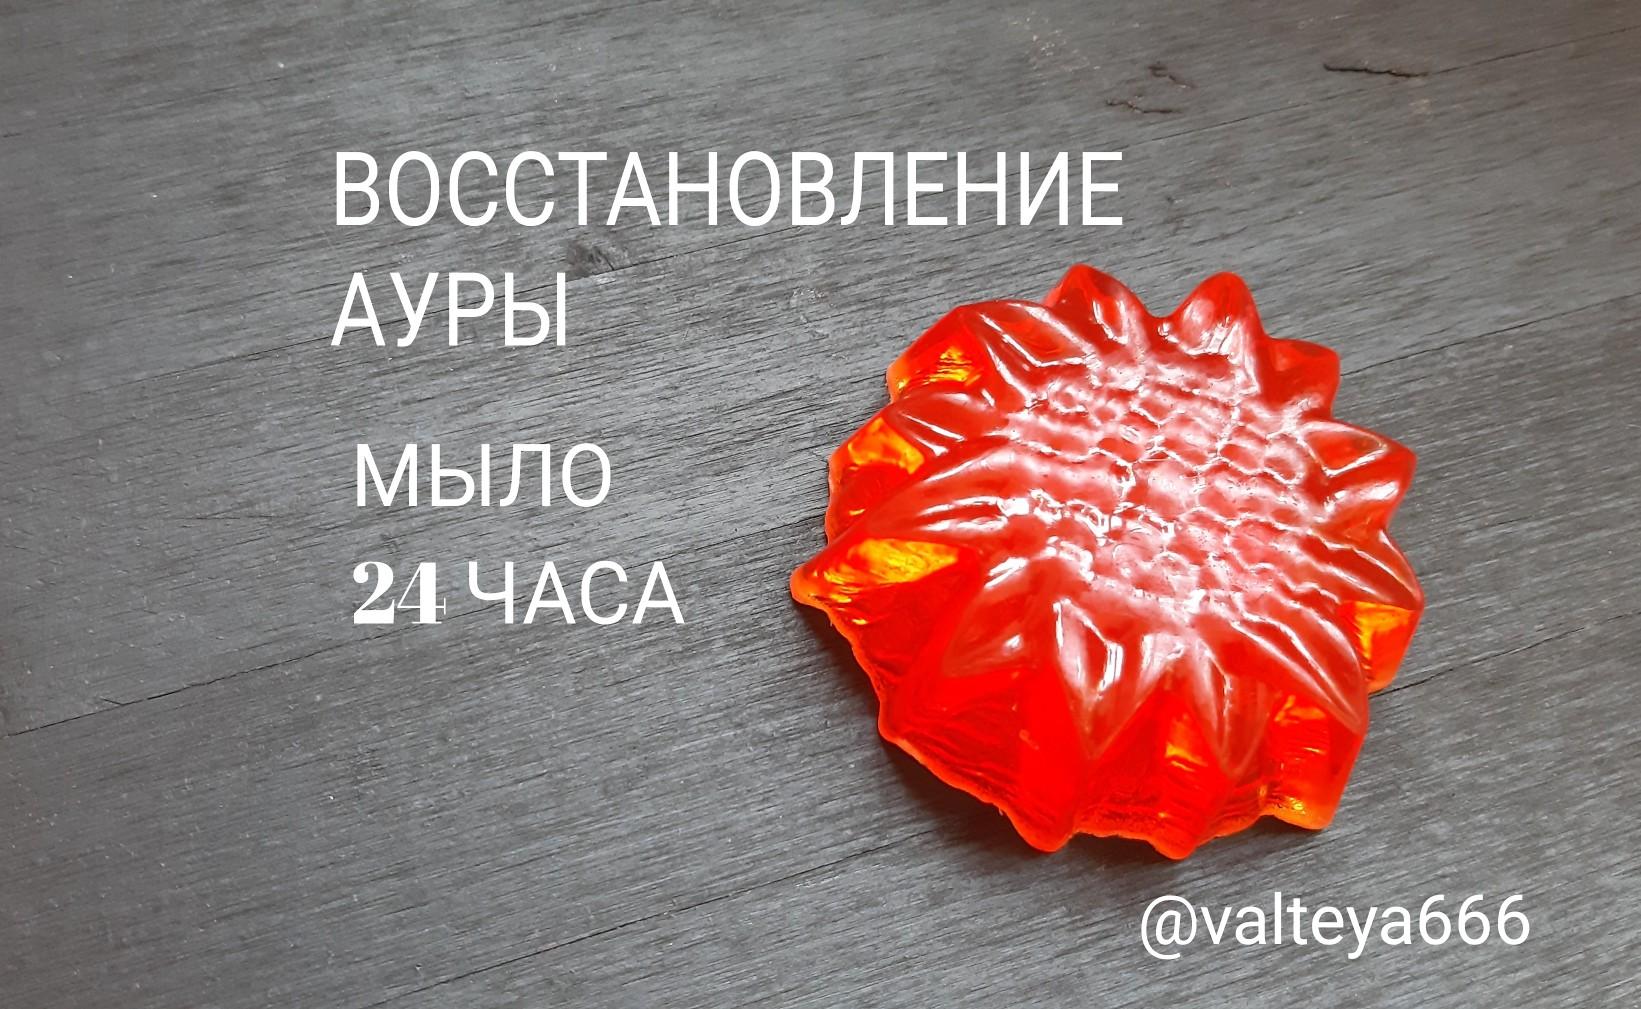 Хештег работа на   Салон Магии и мистики Елены Руденко ( Валтеи ). Киев ,тел: 0506251562  EwnlNBUSwfQ